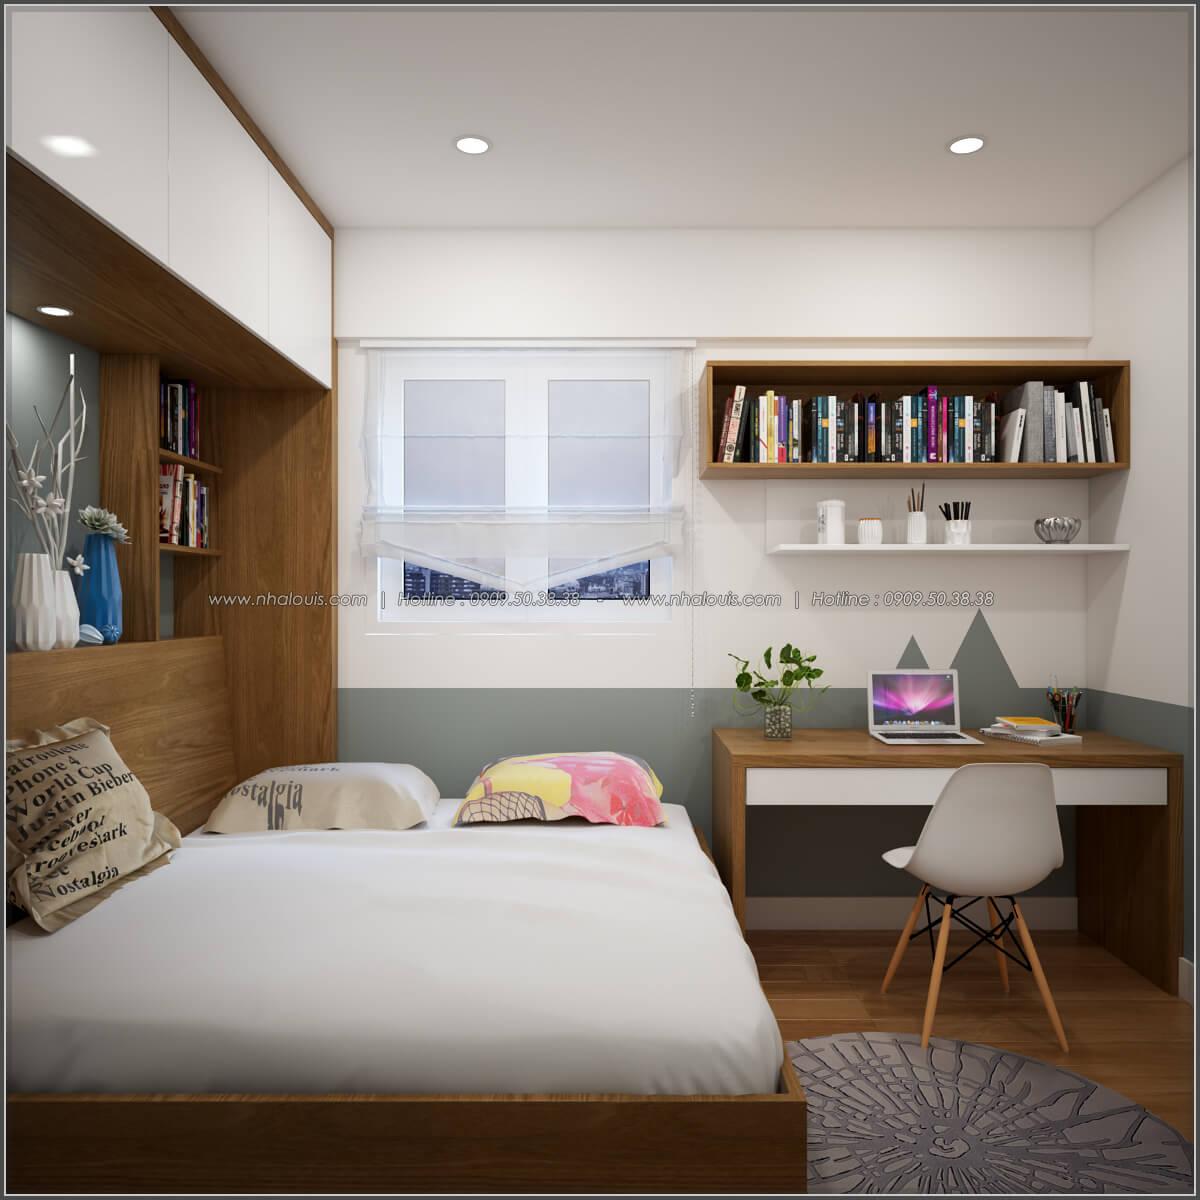 Phòng ngủ Thiết kế căn hộ chung cư 3 phòng ngủ Happy Valley quận 7 - 11